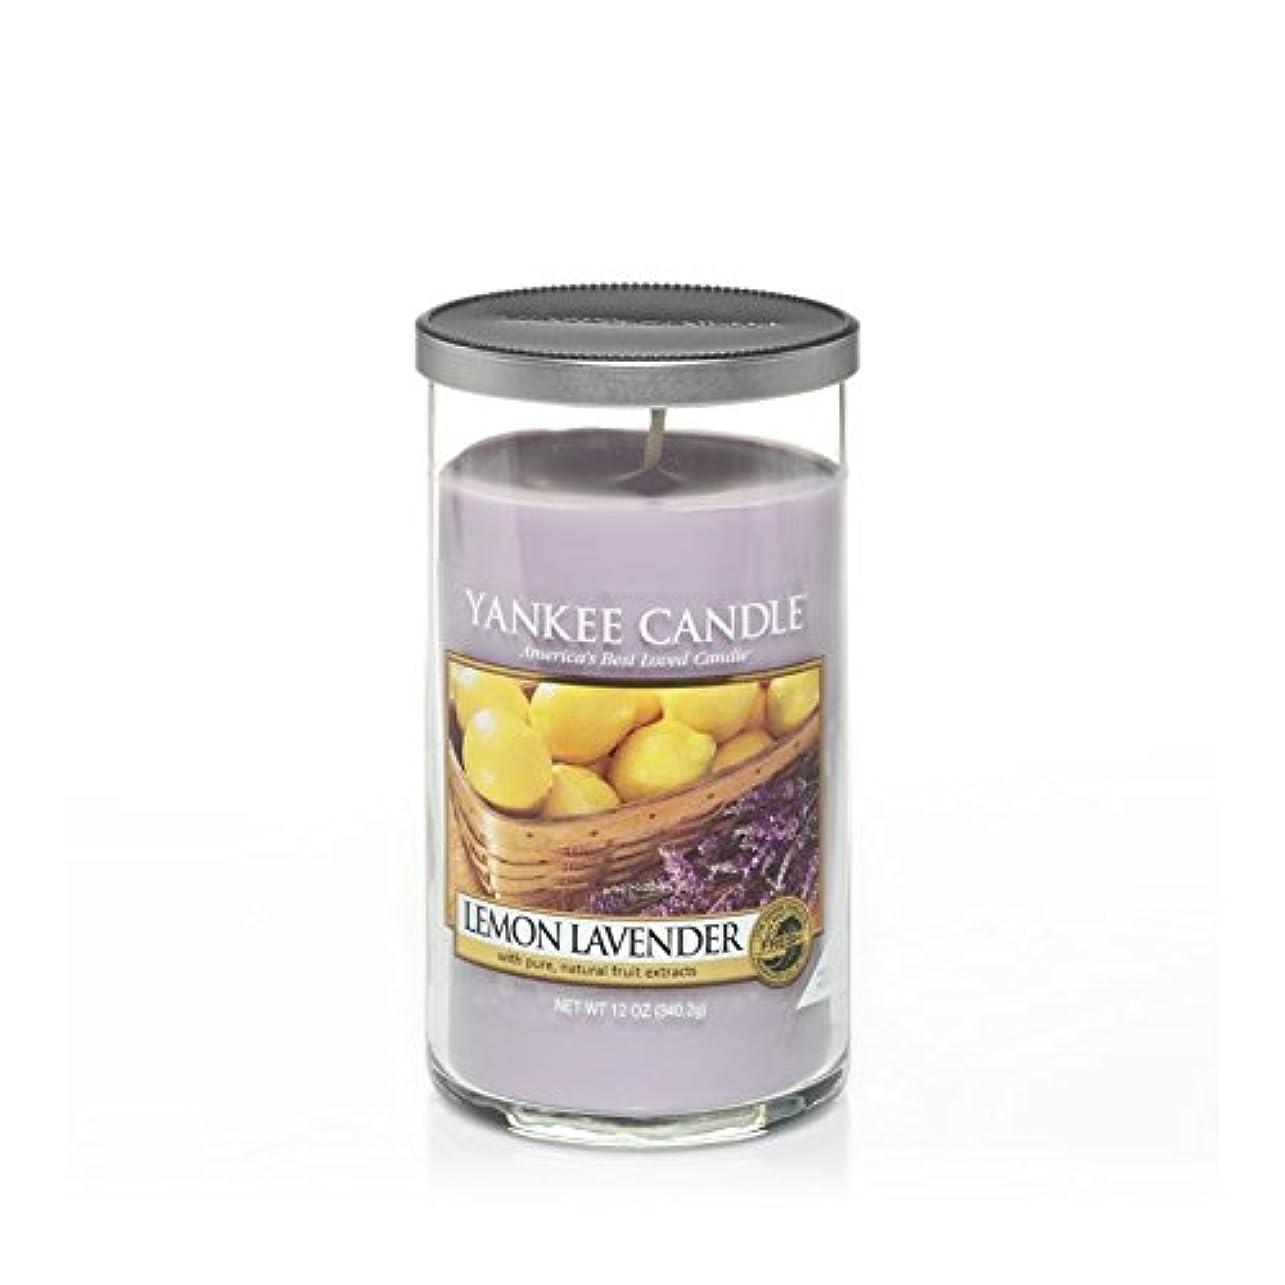 取り替えるイヤホンオアシスYankee Candles Medium Pillar Candle - Lemon Lavender (Pack of 6) - ヤンキーキャンドルメディアピラーキャンドル - レモンラベンダー (x6) [並行輸入品]